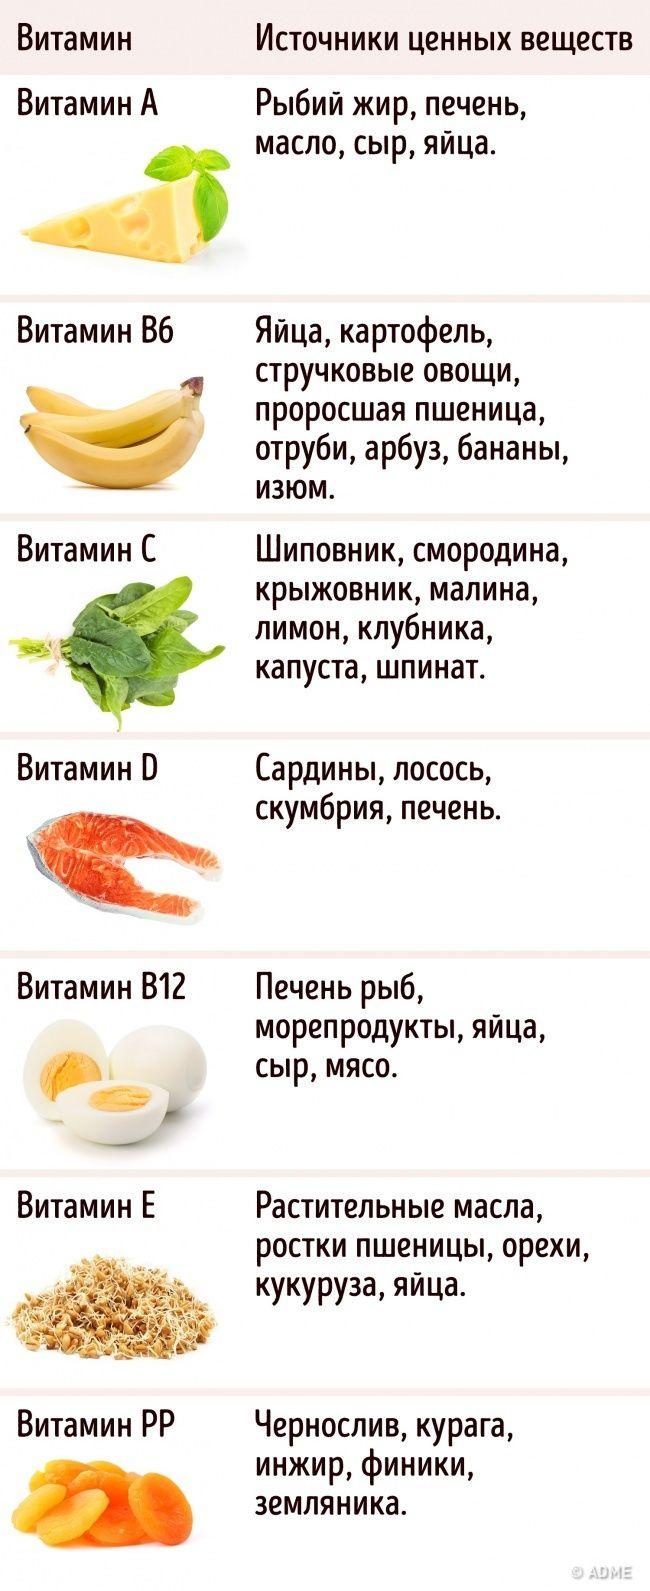 Разумный прием витаминов может нетолько сделать человека более здоровым, ноидобавить ему несколько лет жизни. Номногиели знают, как икогда необходимо ихпринимать, авкаких случаях делать это просто опасно? Сегодня AdMe.ru подготовил для вас памятку, которая расскажет все оправильном приеме витаминов.